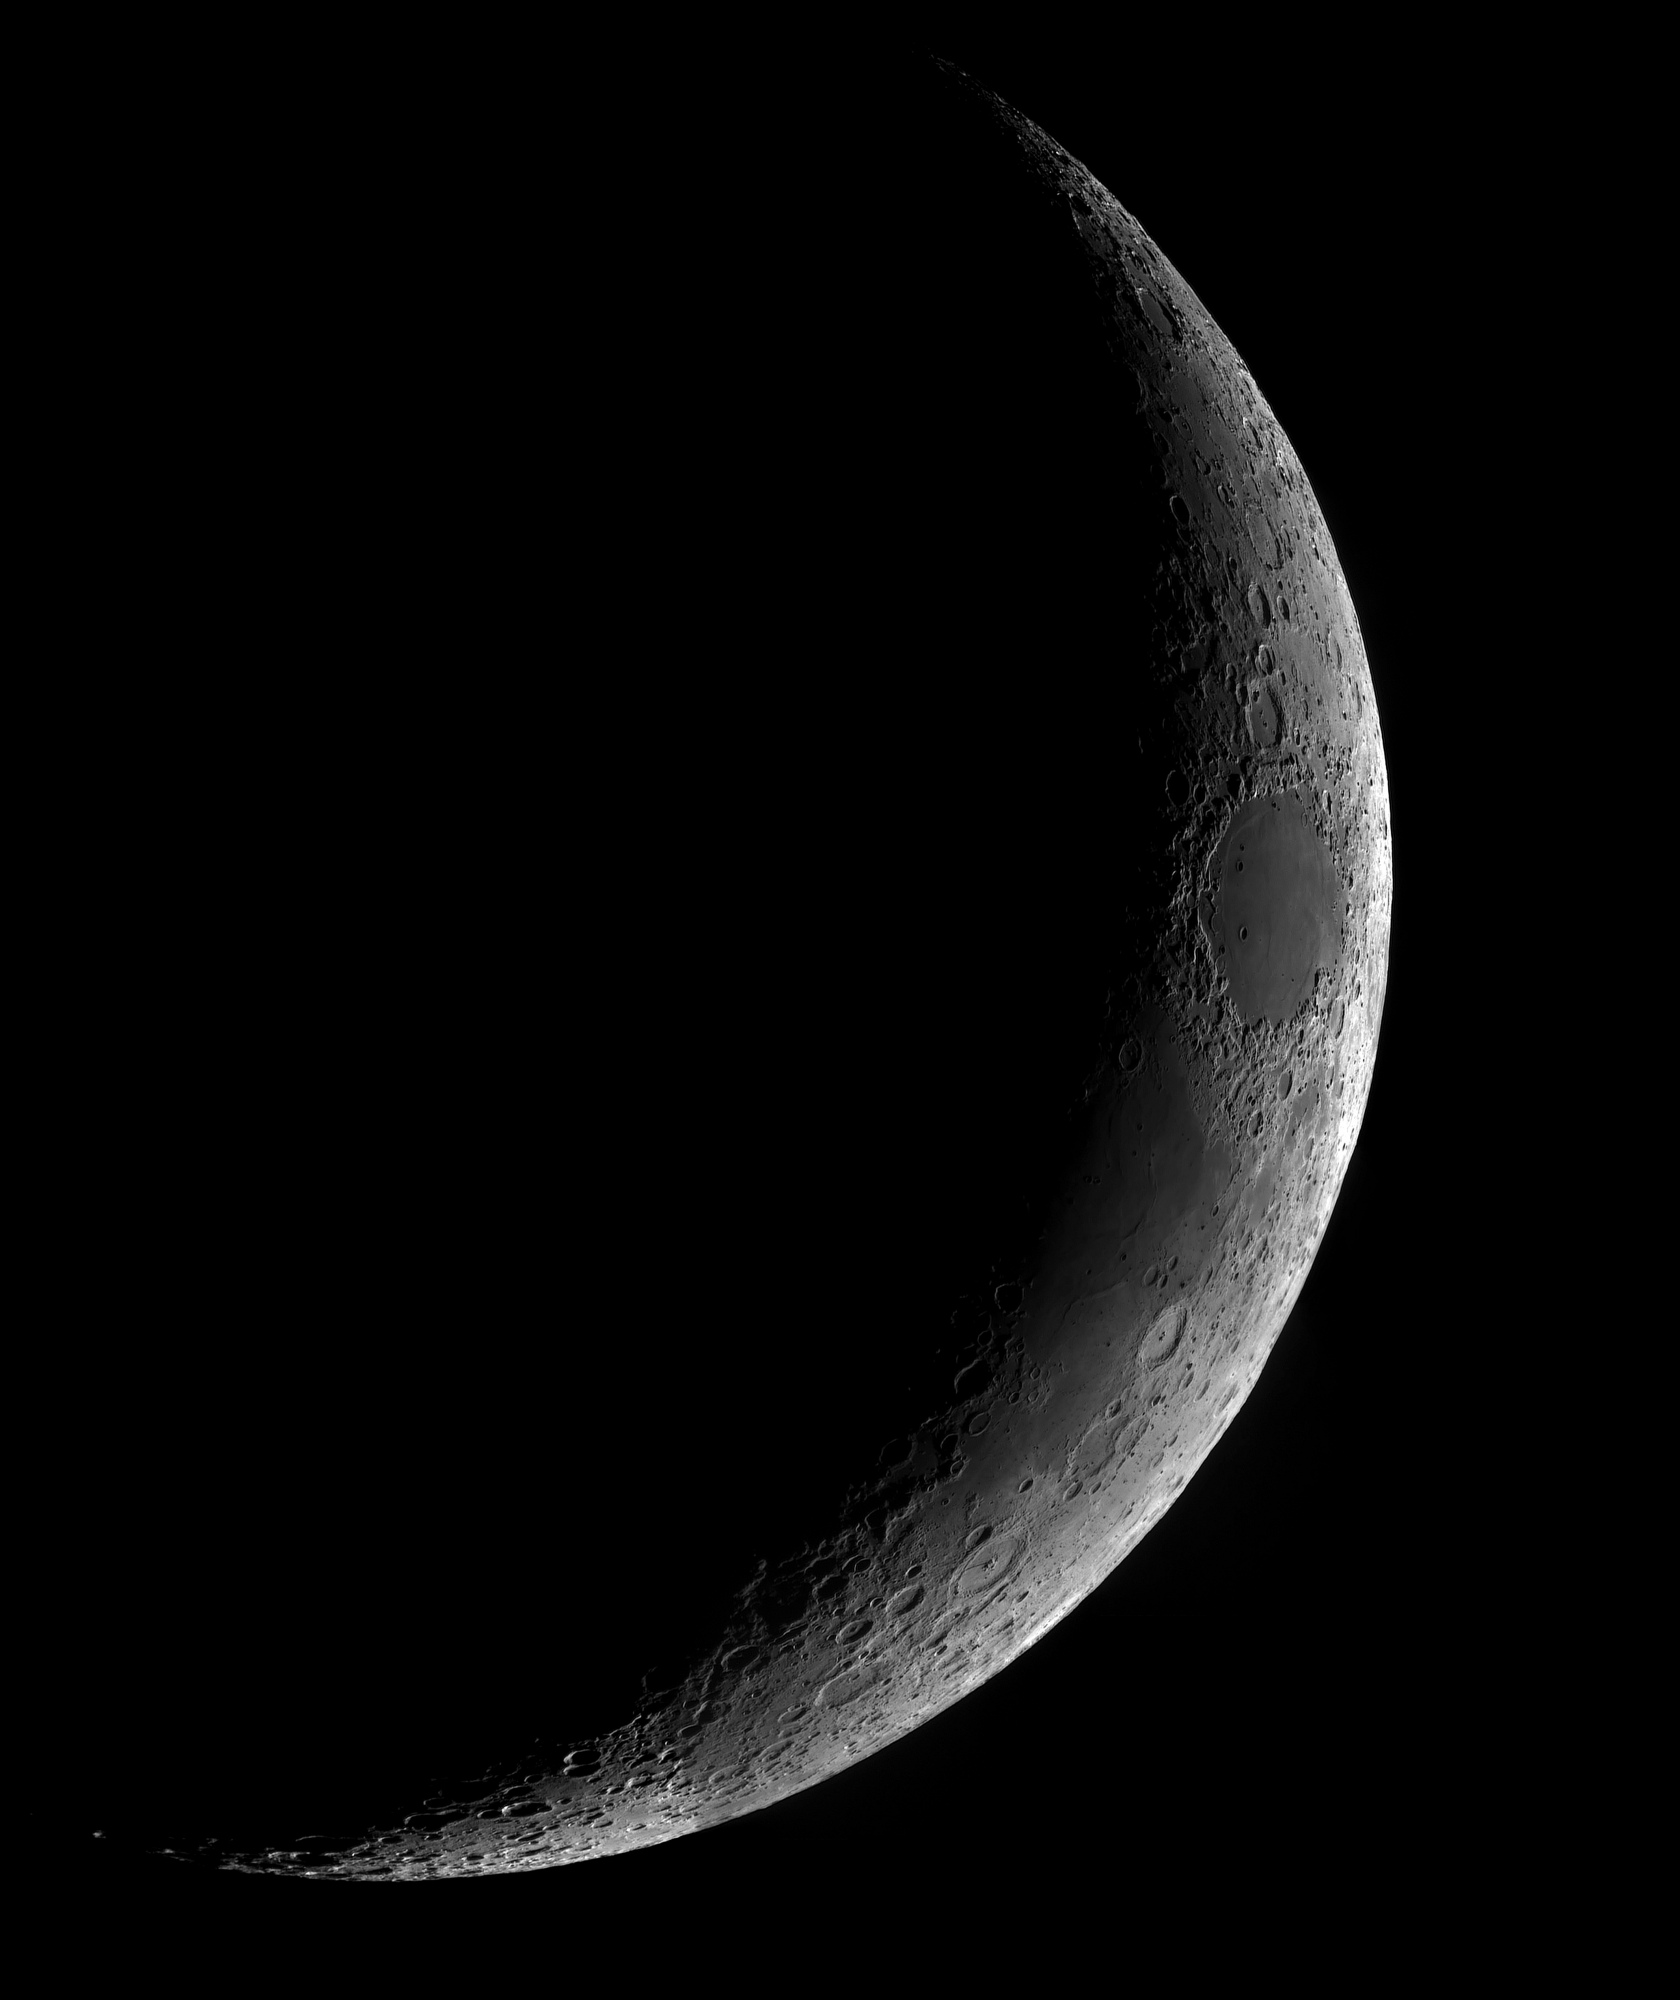 Lune-res2.png.3059375e6863575629bece5b2749d52f.thumb.jpg.5b5d299be743529e91e2c87a3e1f4fab.jpg